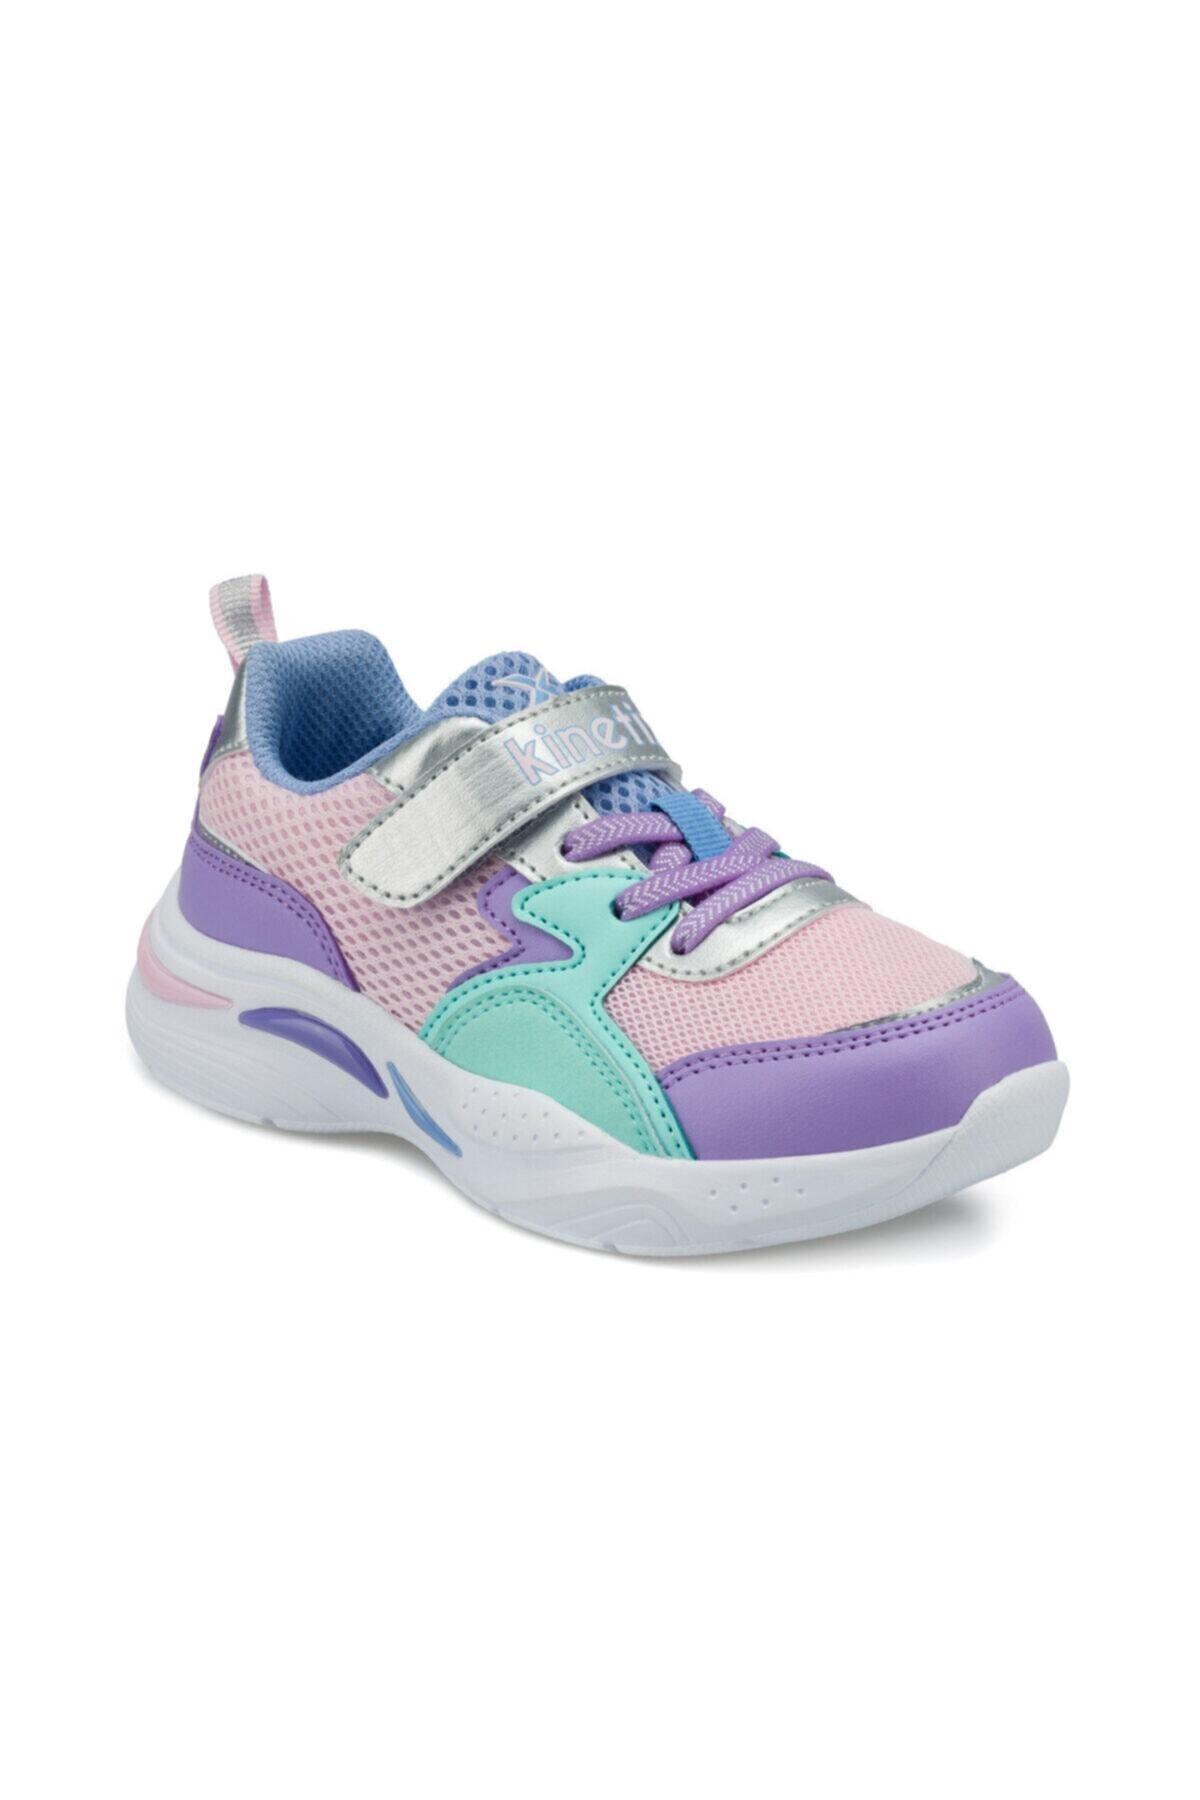 PLAYS Pembe Kız Çocuk Yürüyüş Ayakkabısı 100493707